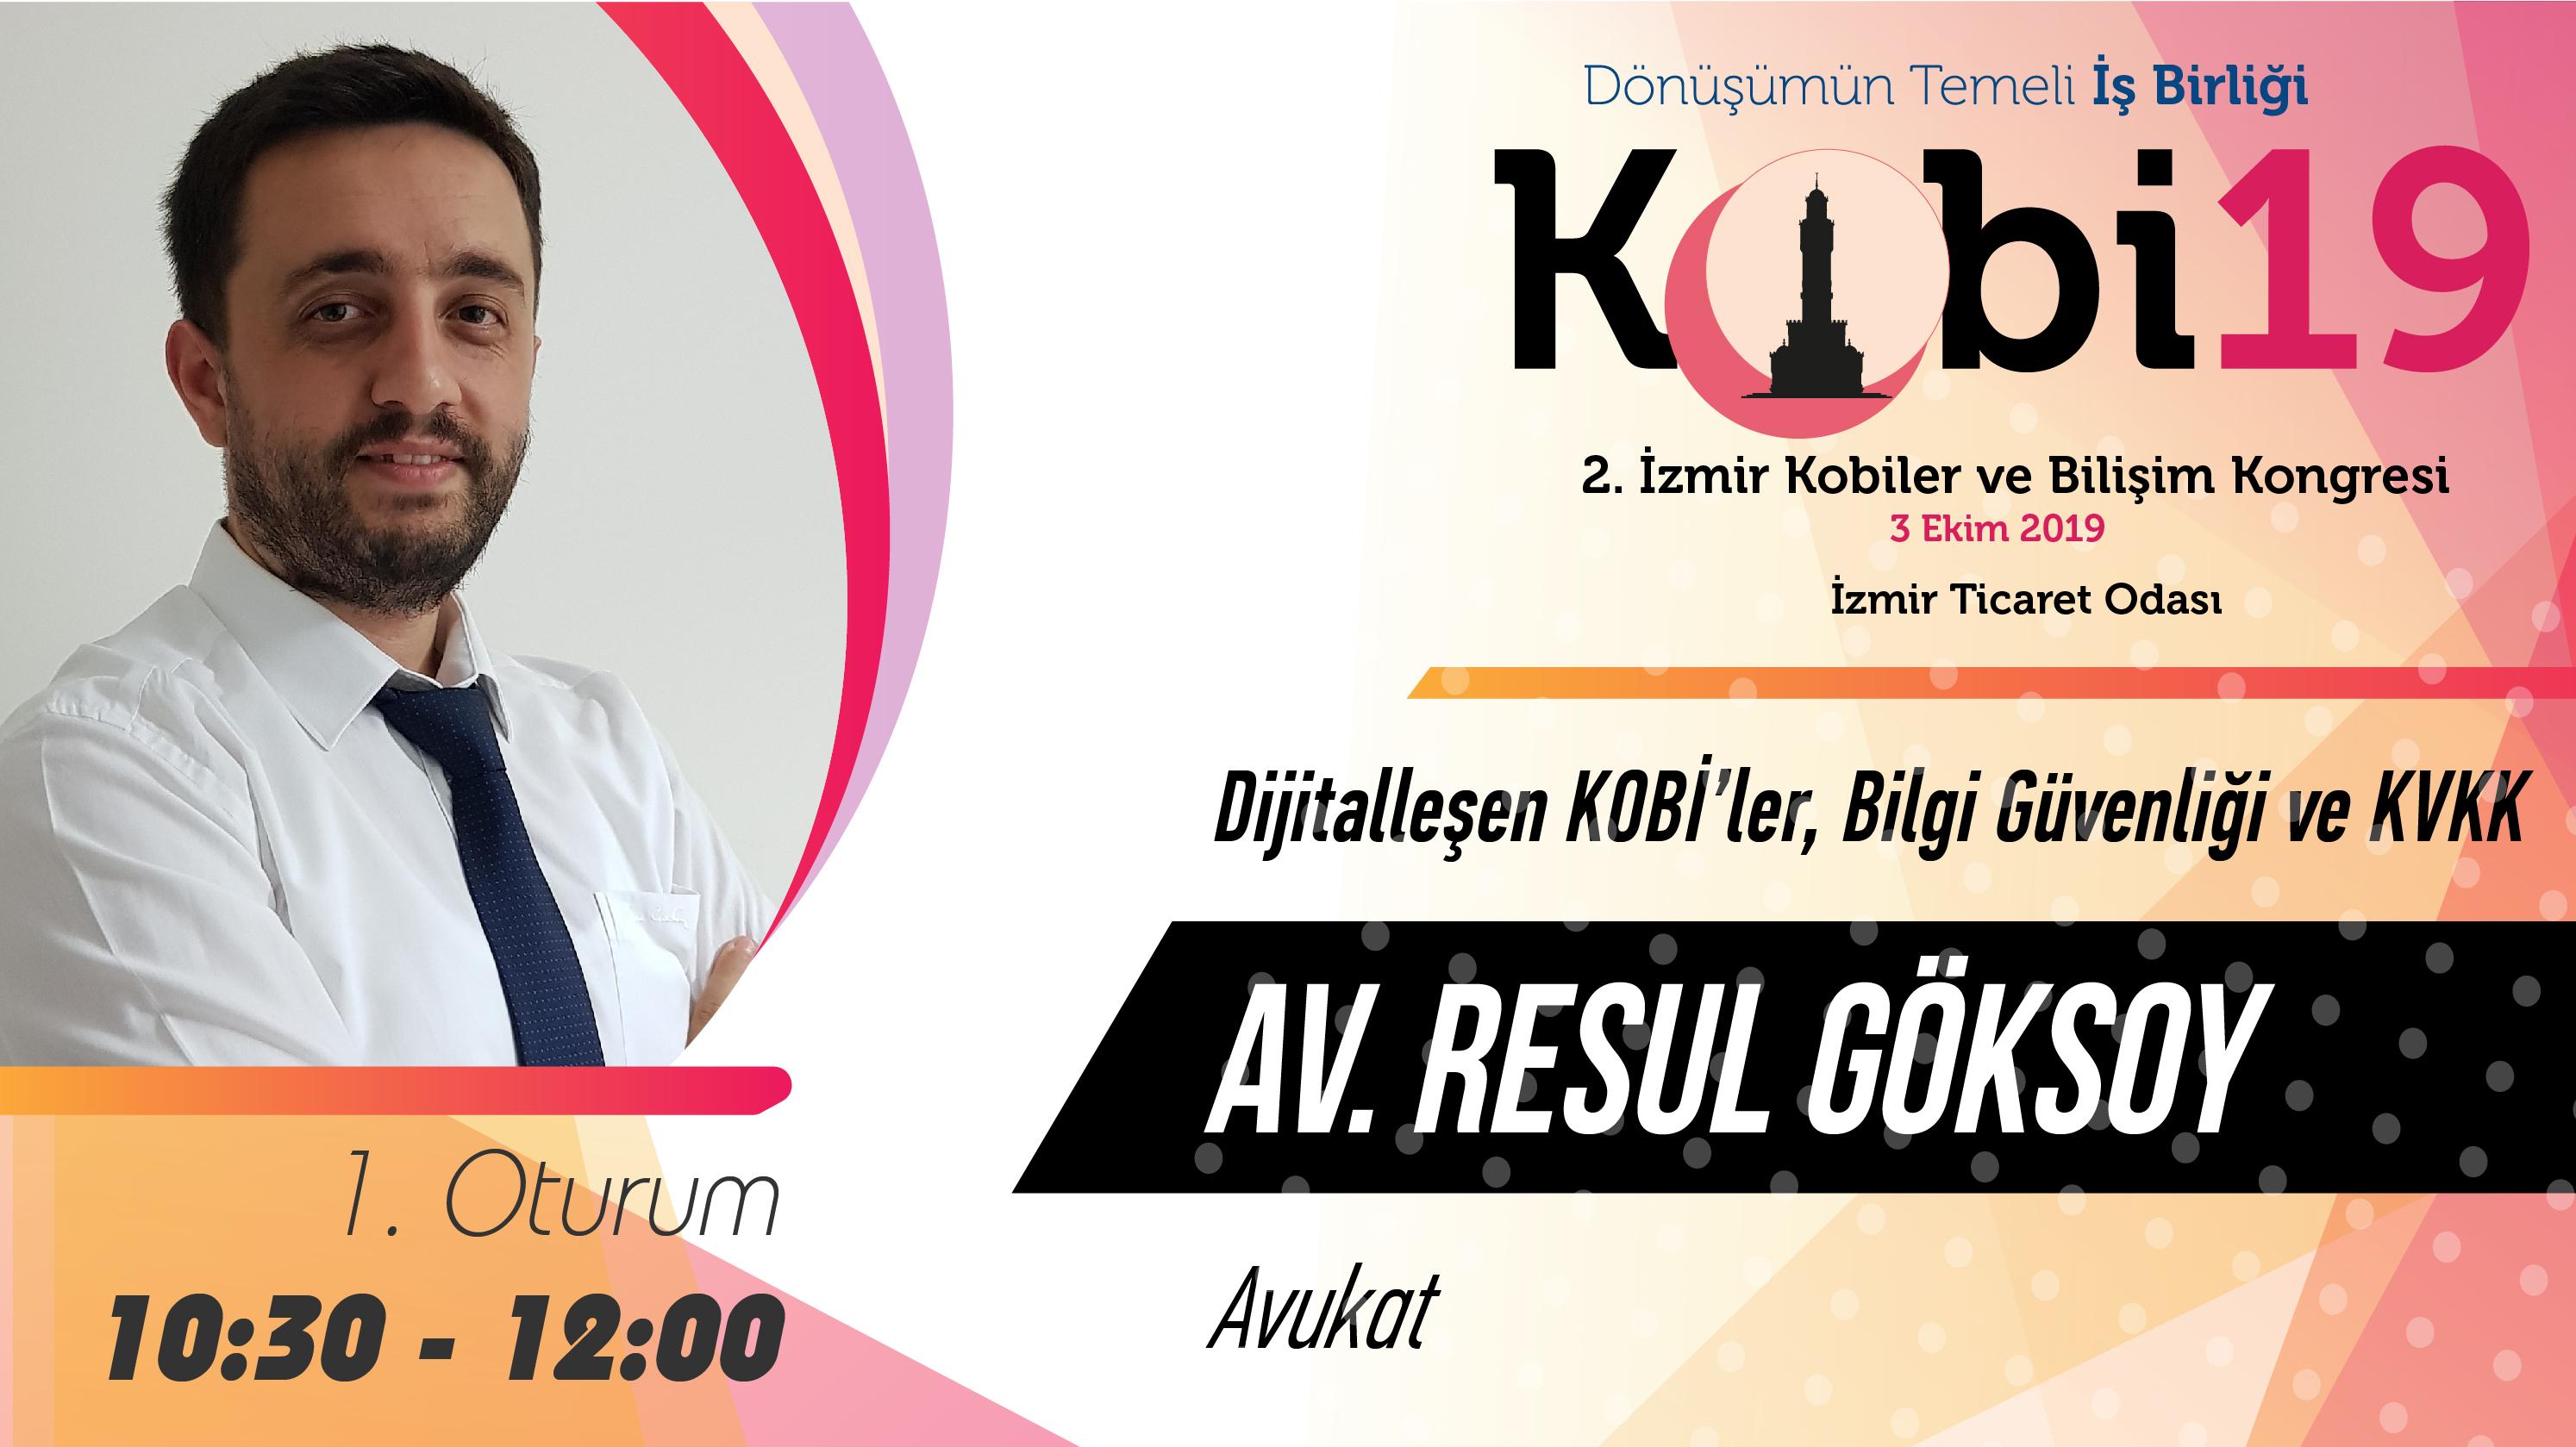 Resul GÖKSOY - 2. İzmir Kobiler ve Bilişim Kongresi 2019